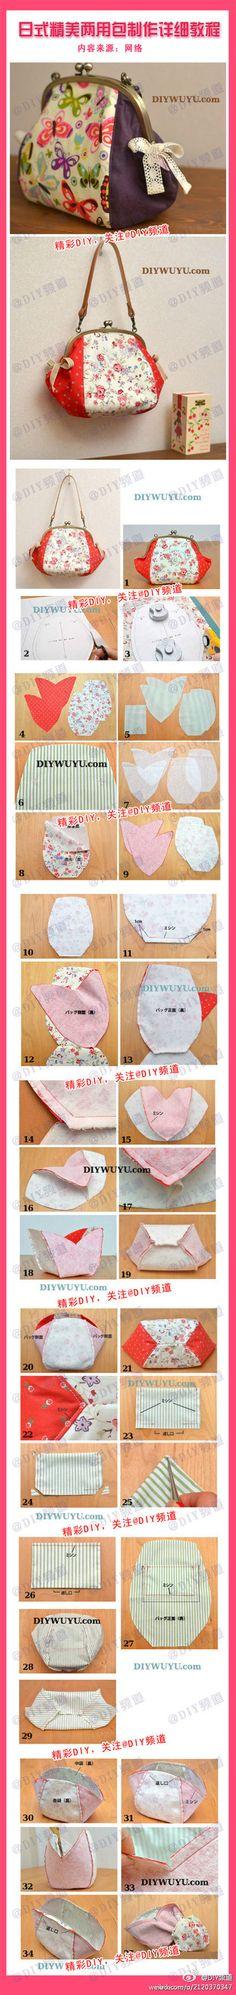 cute frame handbag by SAburns Diy Handbag, Diy Purse, Clutch Purse, Fabric Crafts, Sewing Crafts, Sewing Projects, Purse Patterns, Sewing Patterns, Sewing Hacks